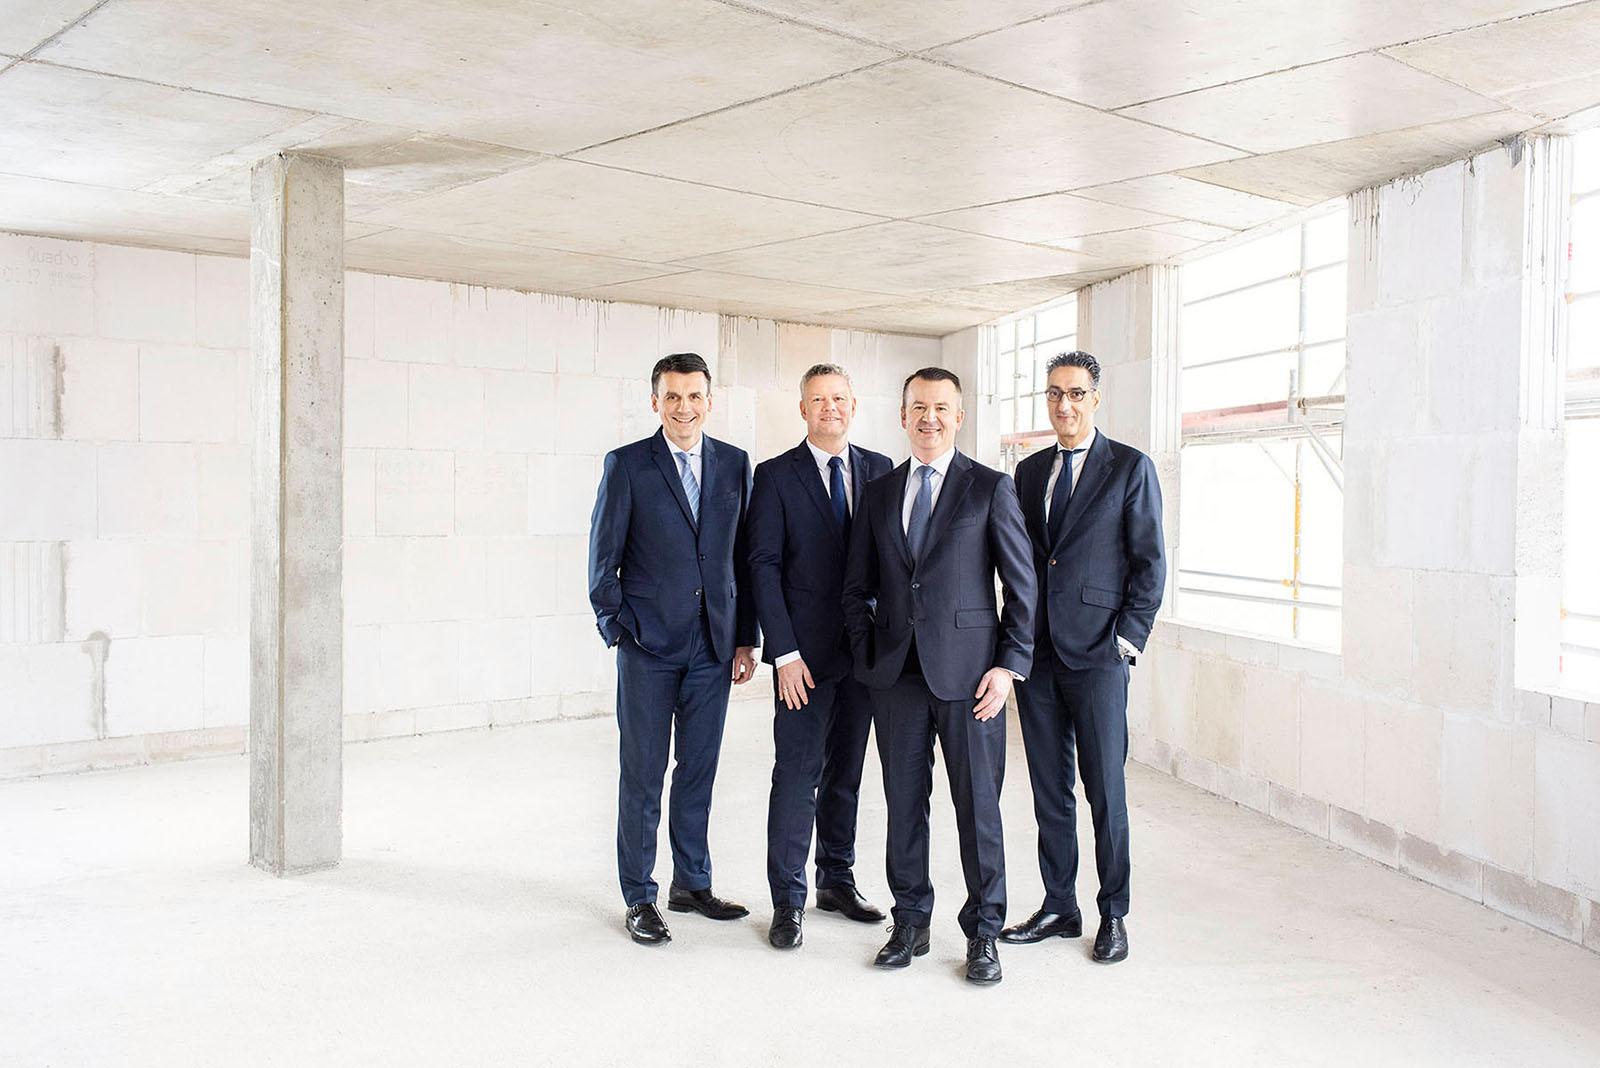 Vorstand Instone Real Estate